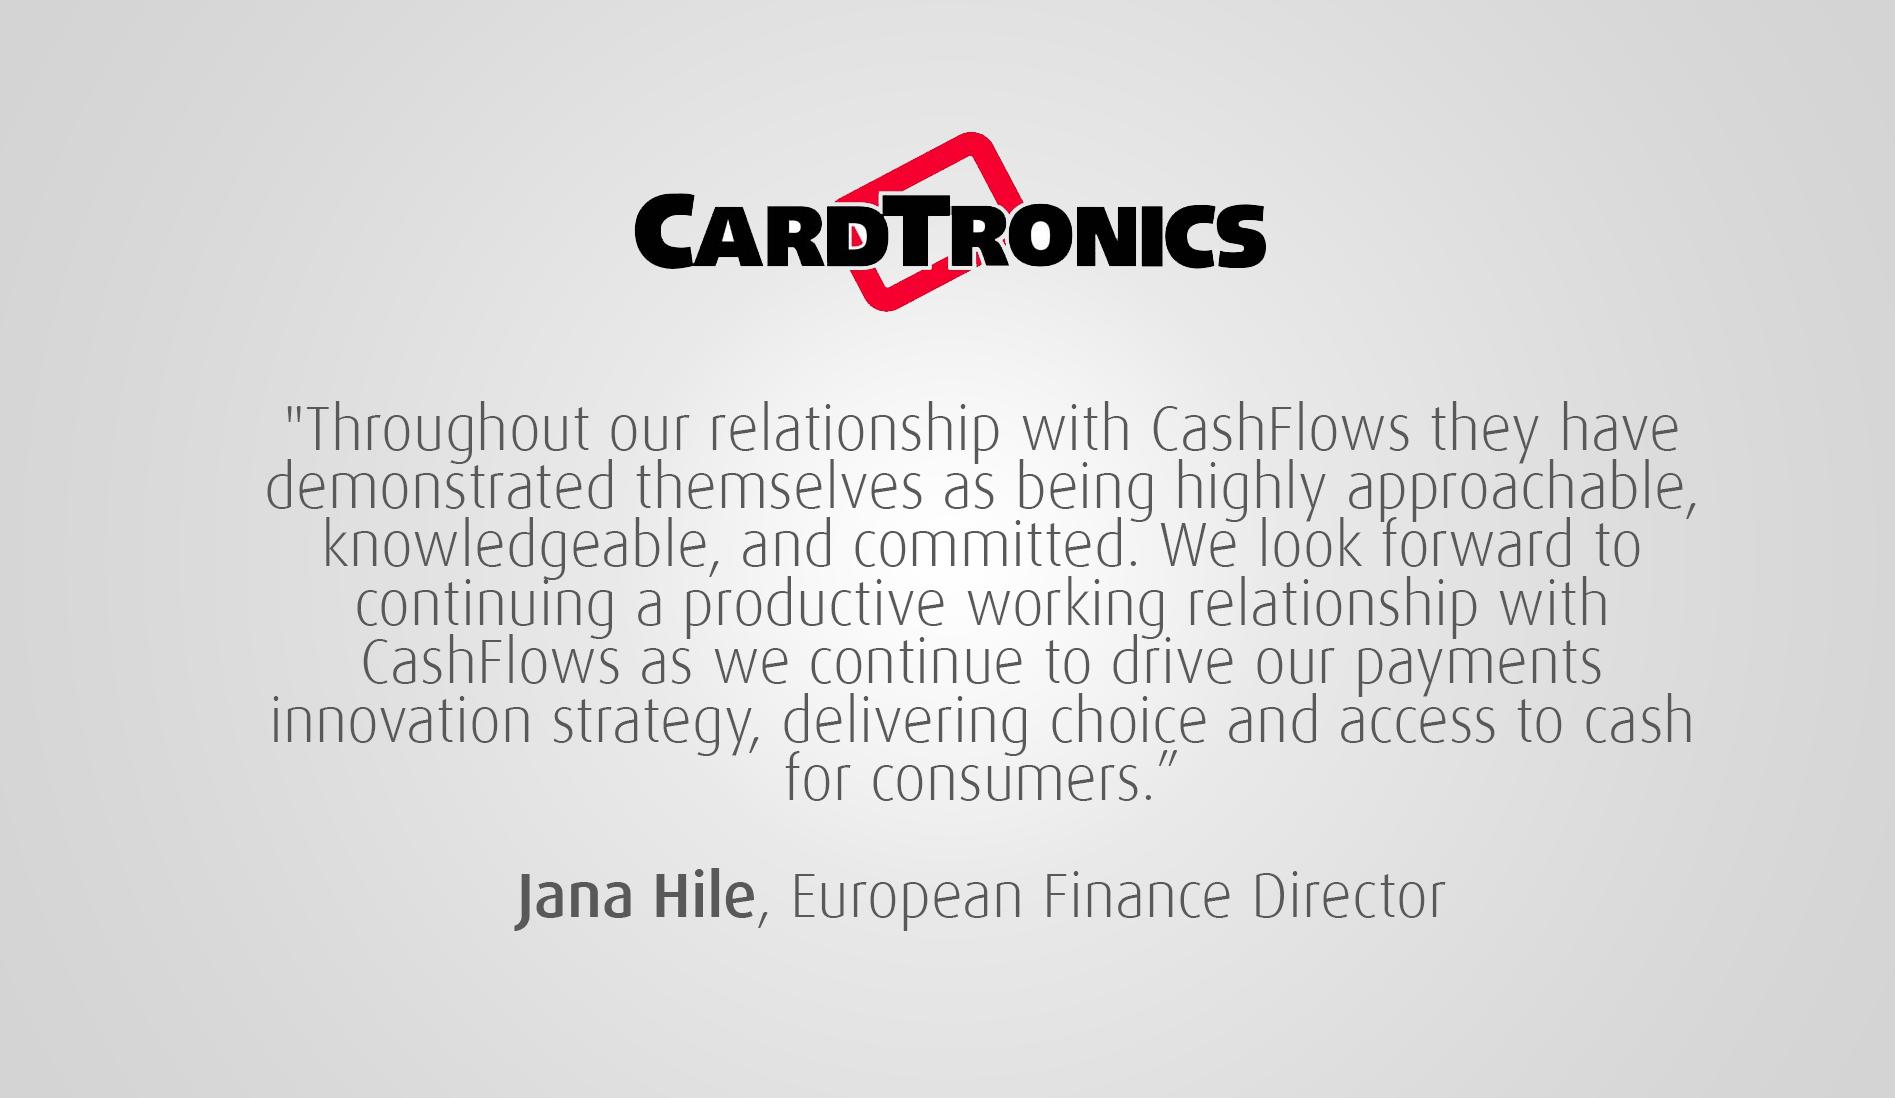 cardtronics quote-1